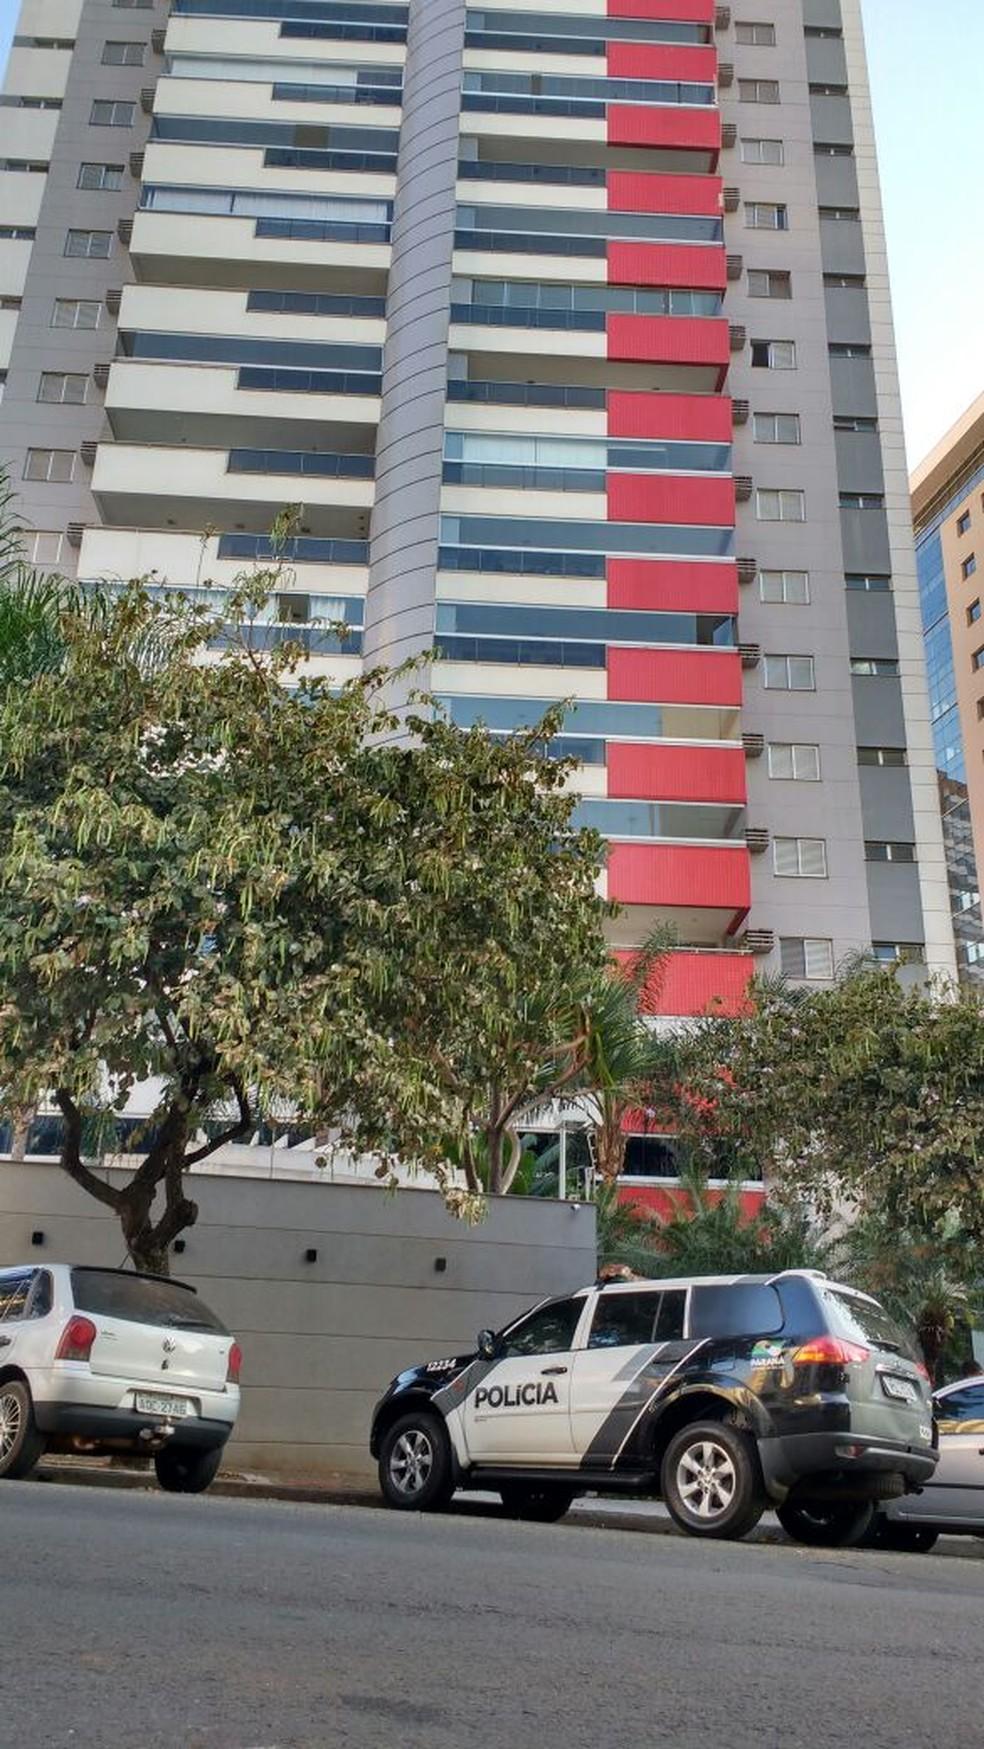 Cantor sertanejo foi preso neste prédio de luxo, em Londrina (Foto: Ademir dos Santos/RPC)